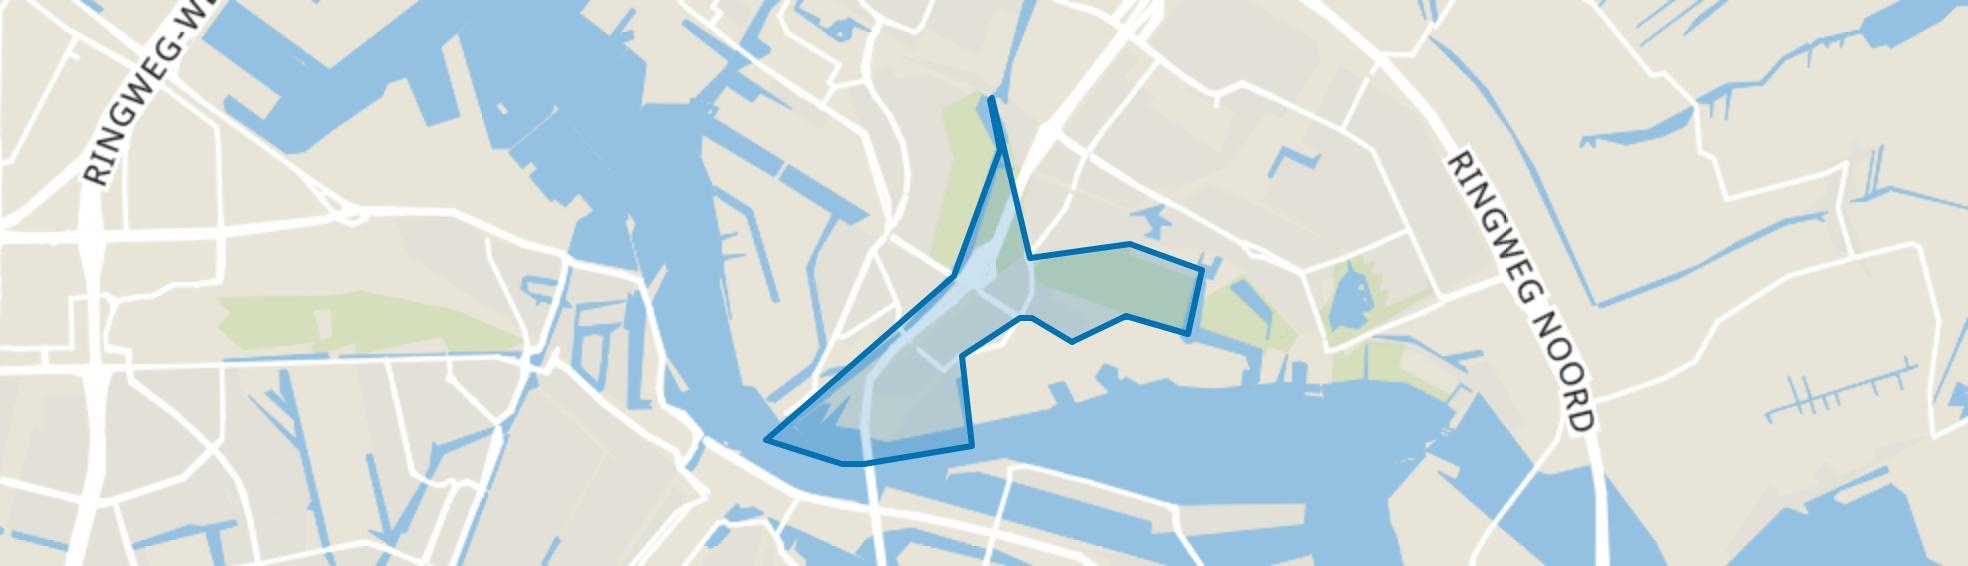 IJplein/Vogelbuurt, Amsterdam map